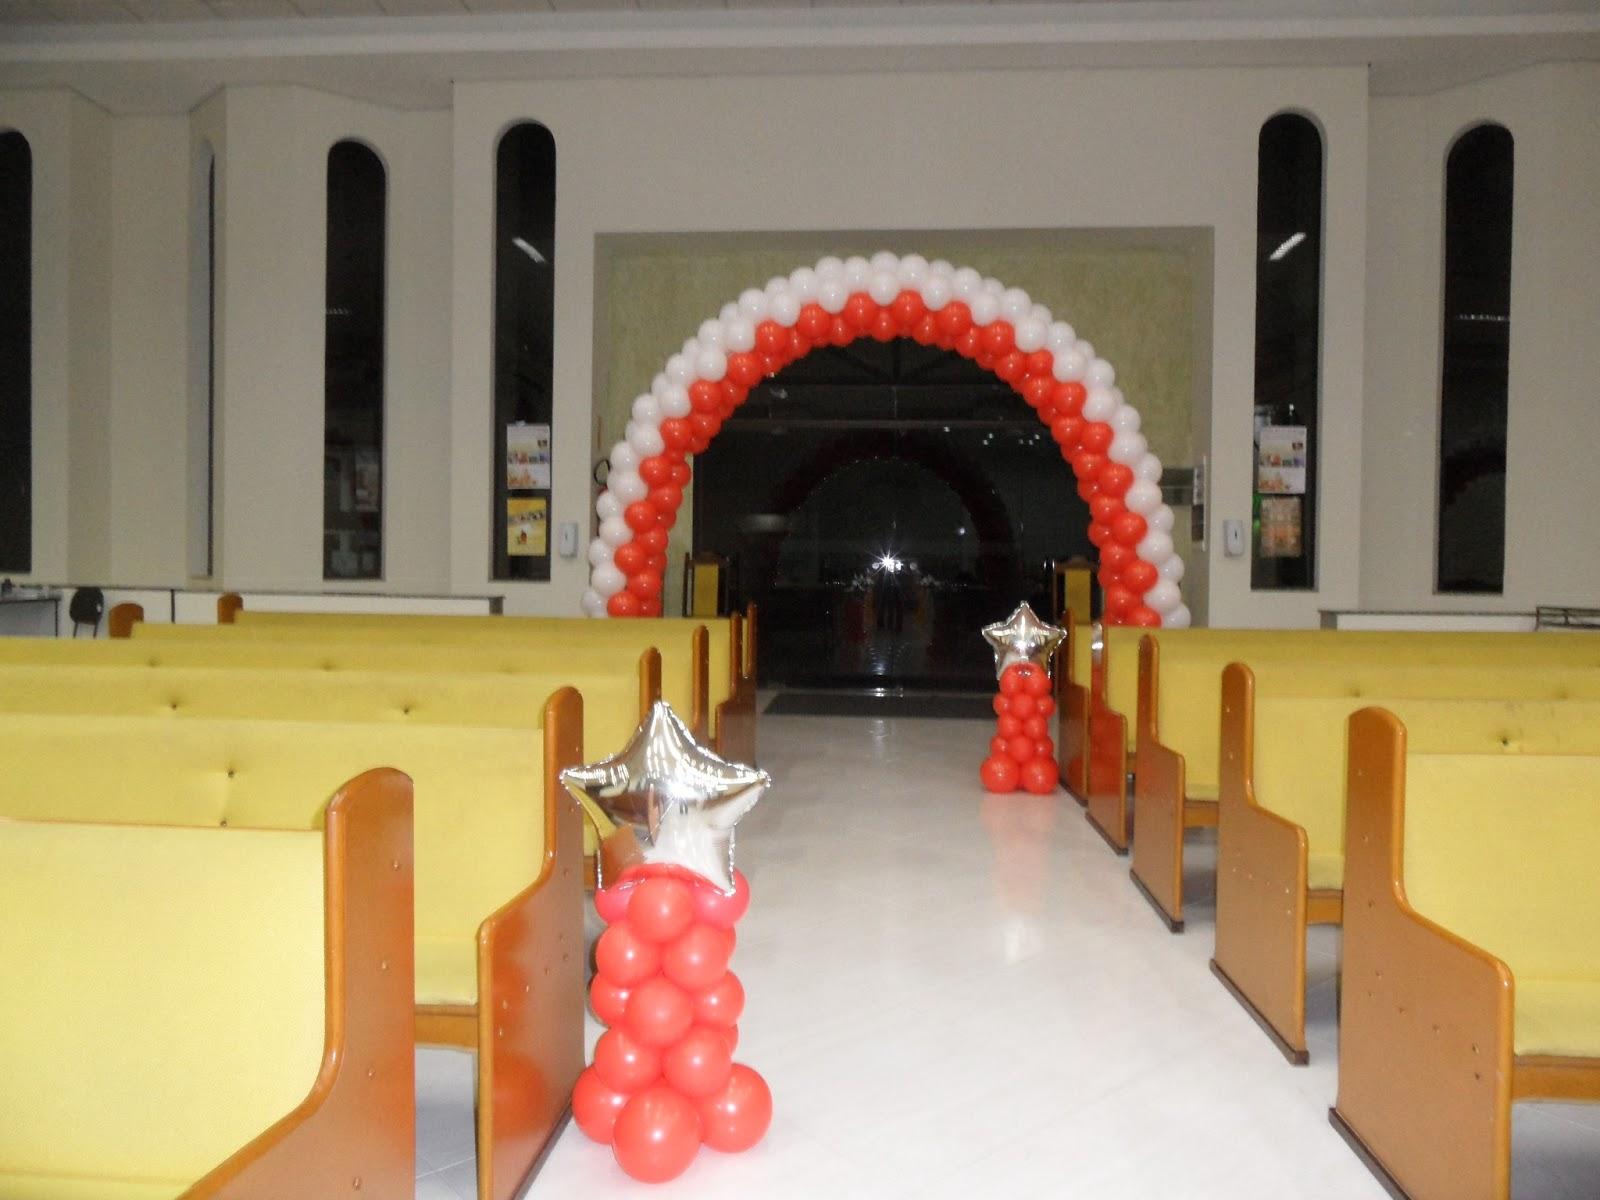 Bete Kids Decoraç u00e3o com Balões Igreja Congresso Infantil # Decoração De Igreja Evangelica Para Congresso Infantil